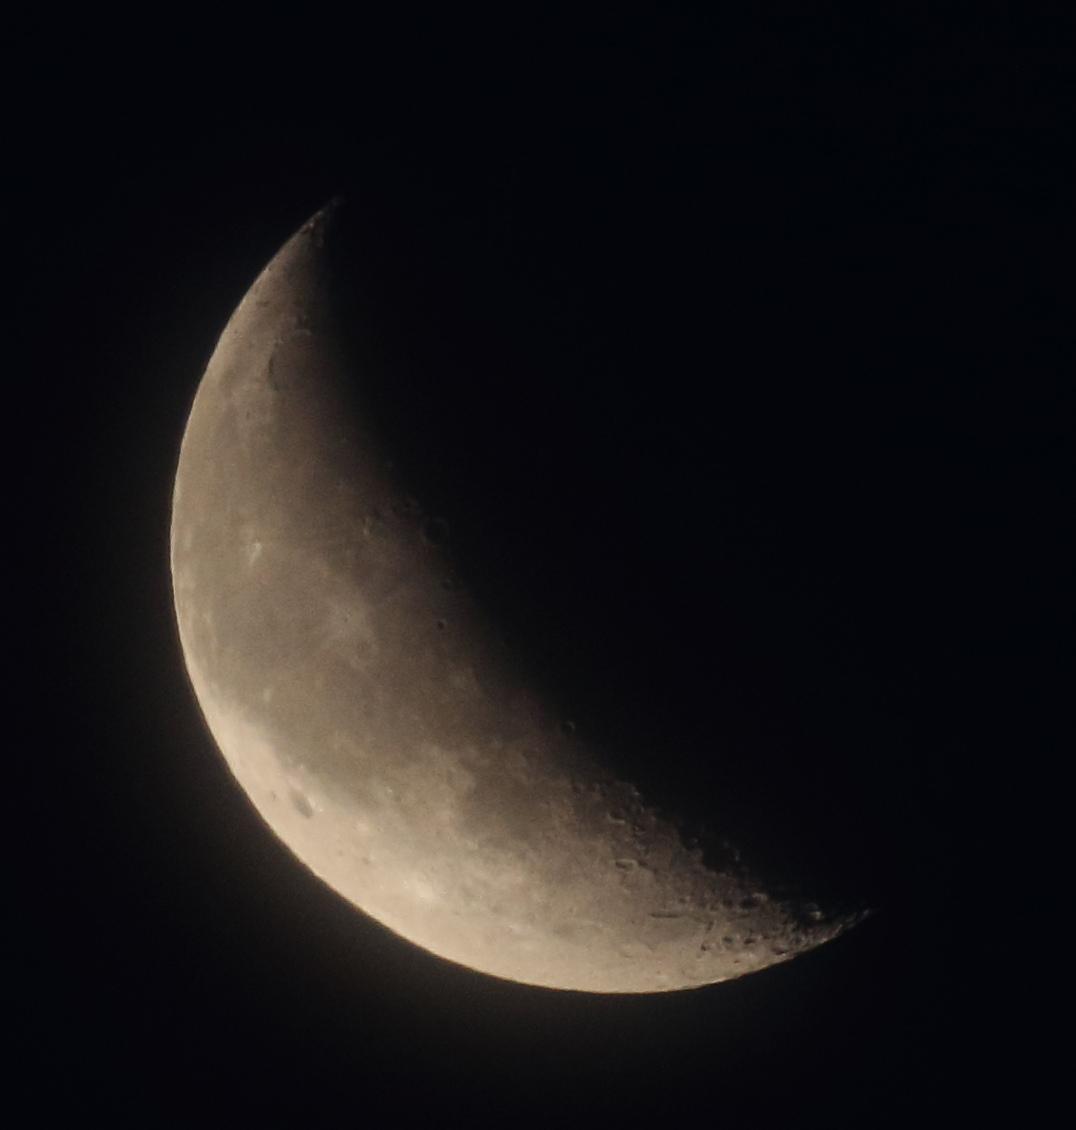 la lune le 21/11/2019 (44598rj)